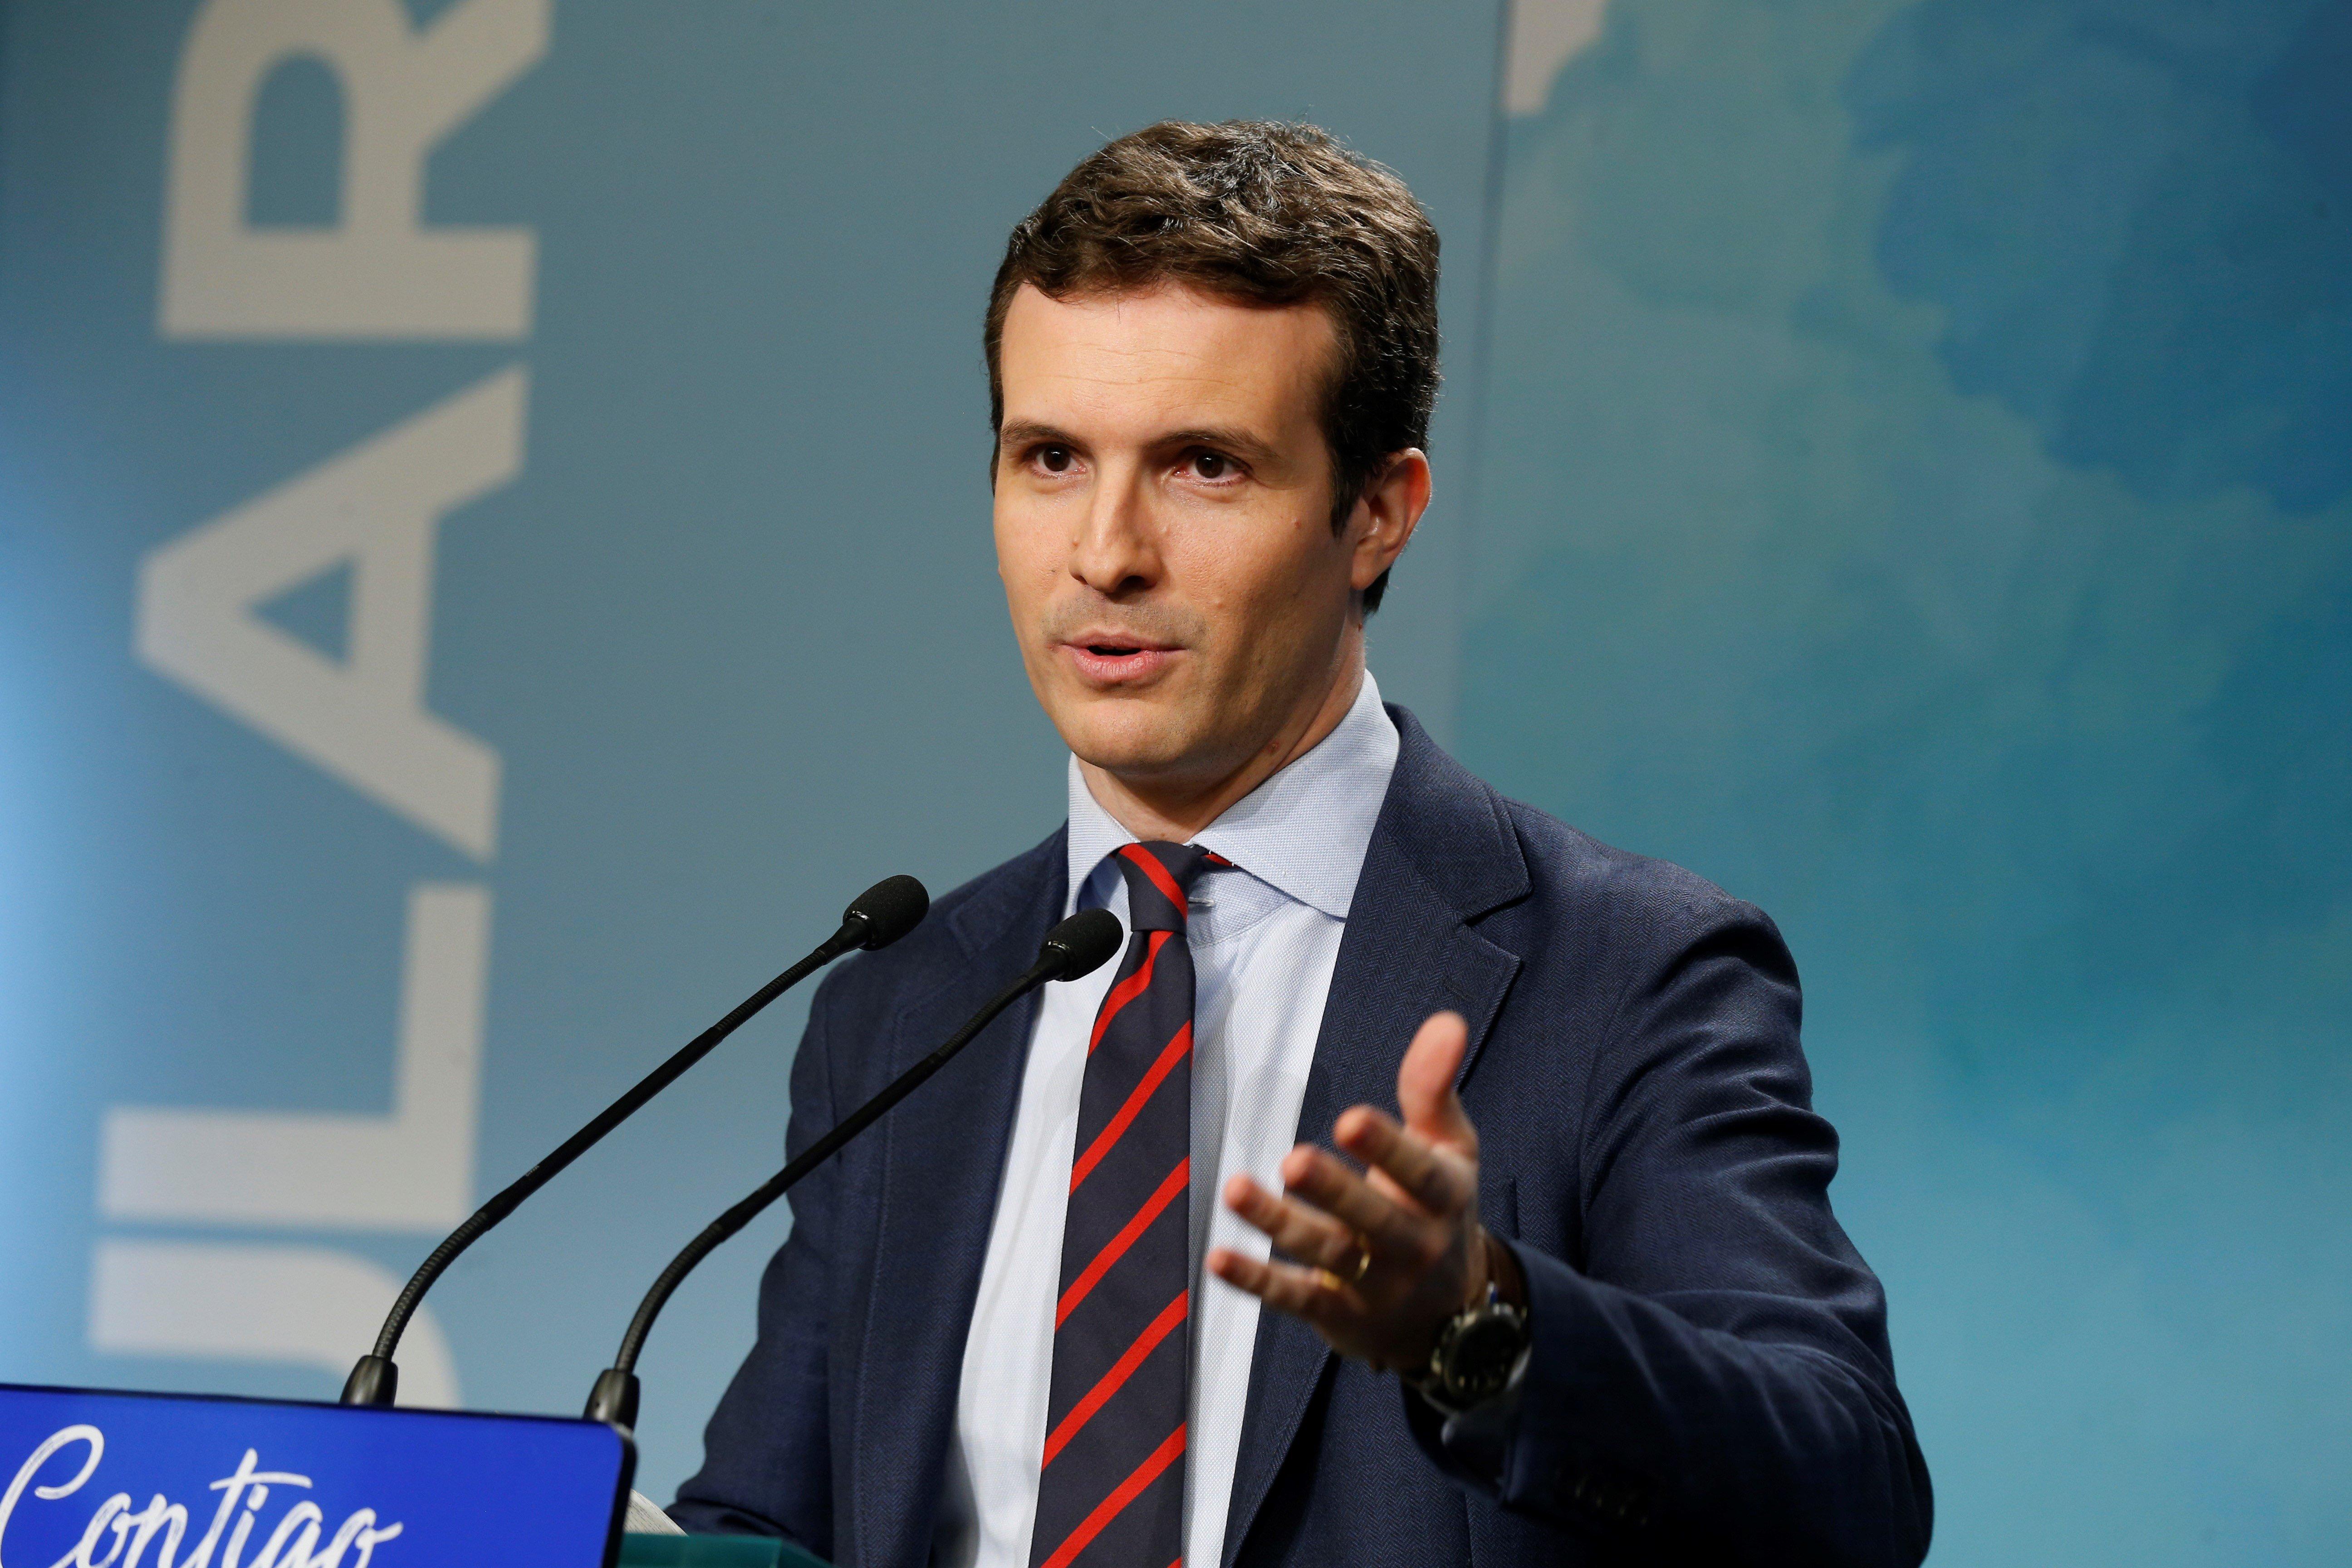 El vicesecretario de comunicación del PP, Pablo Casado - FOTO: EFE